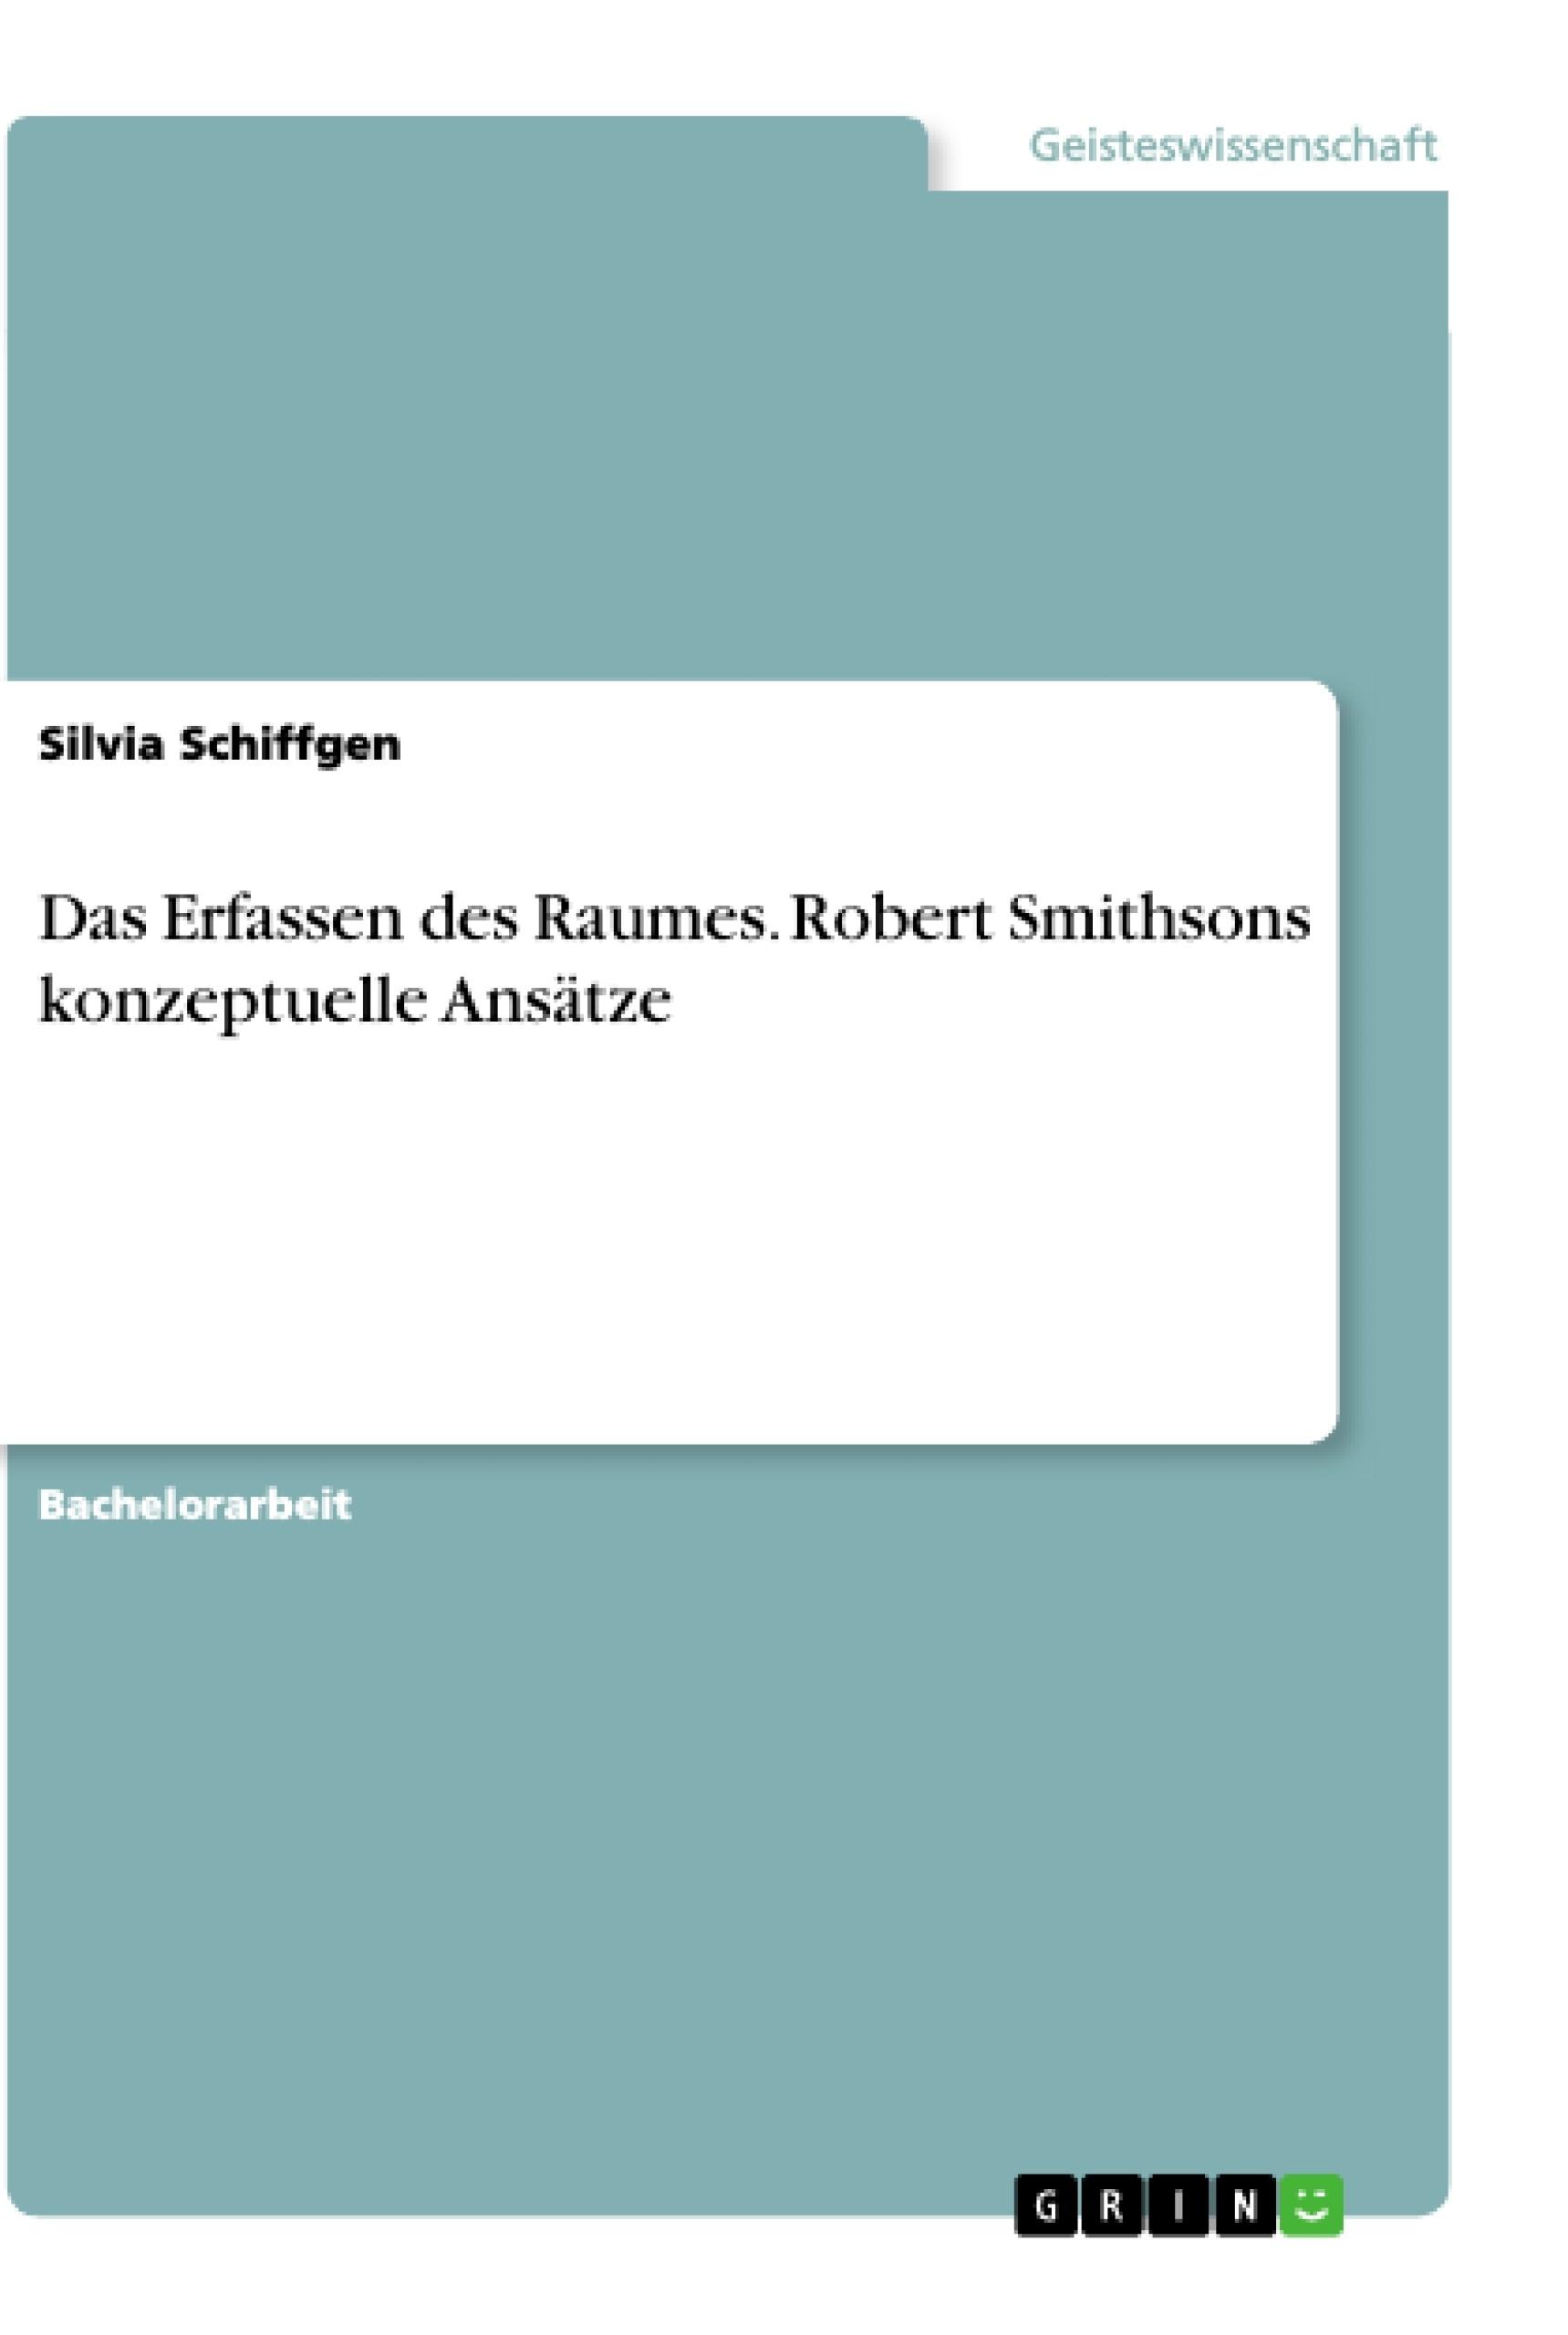 Titel: Das Erfassen des Raumes. Robert Smithsons konzeptuelle Ansätze